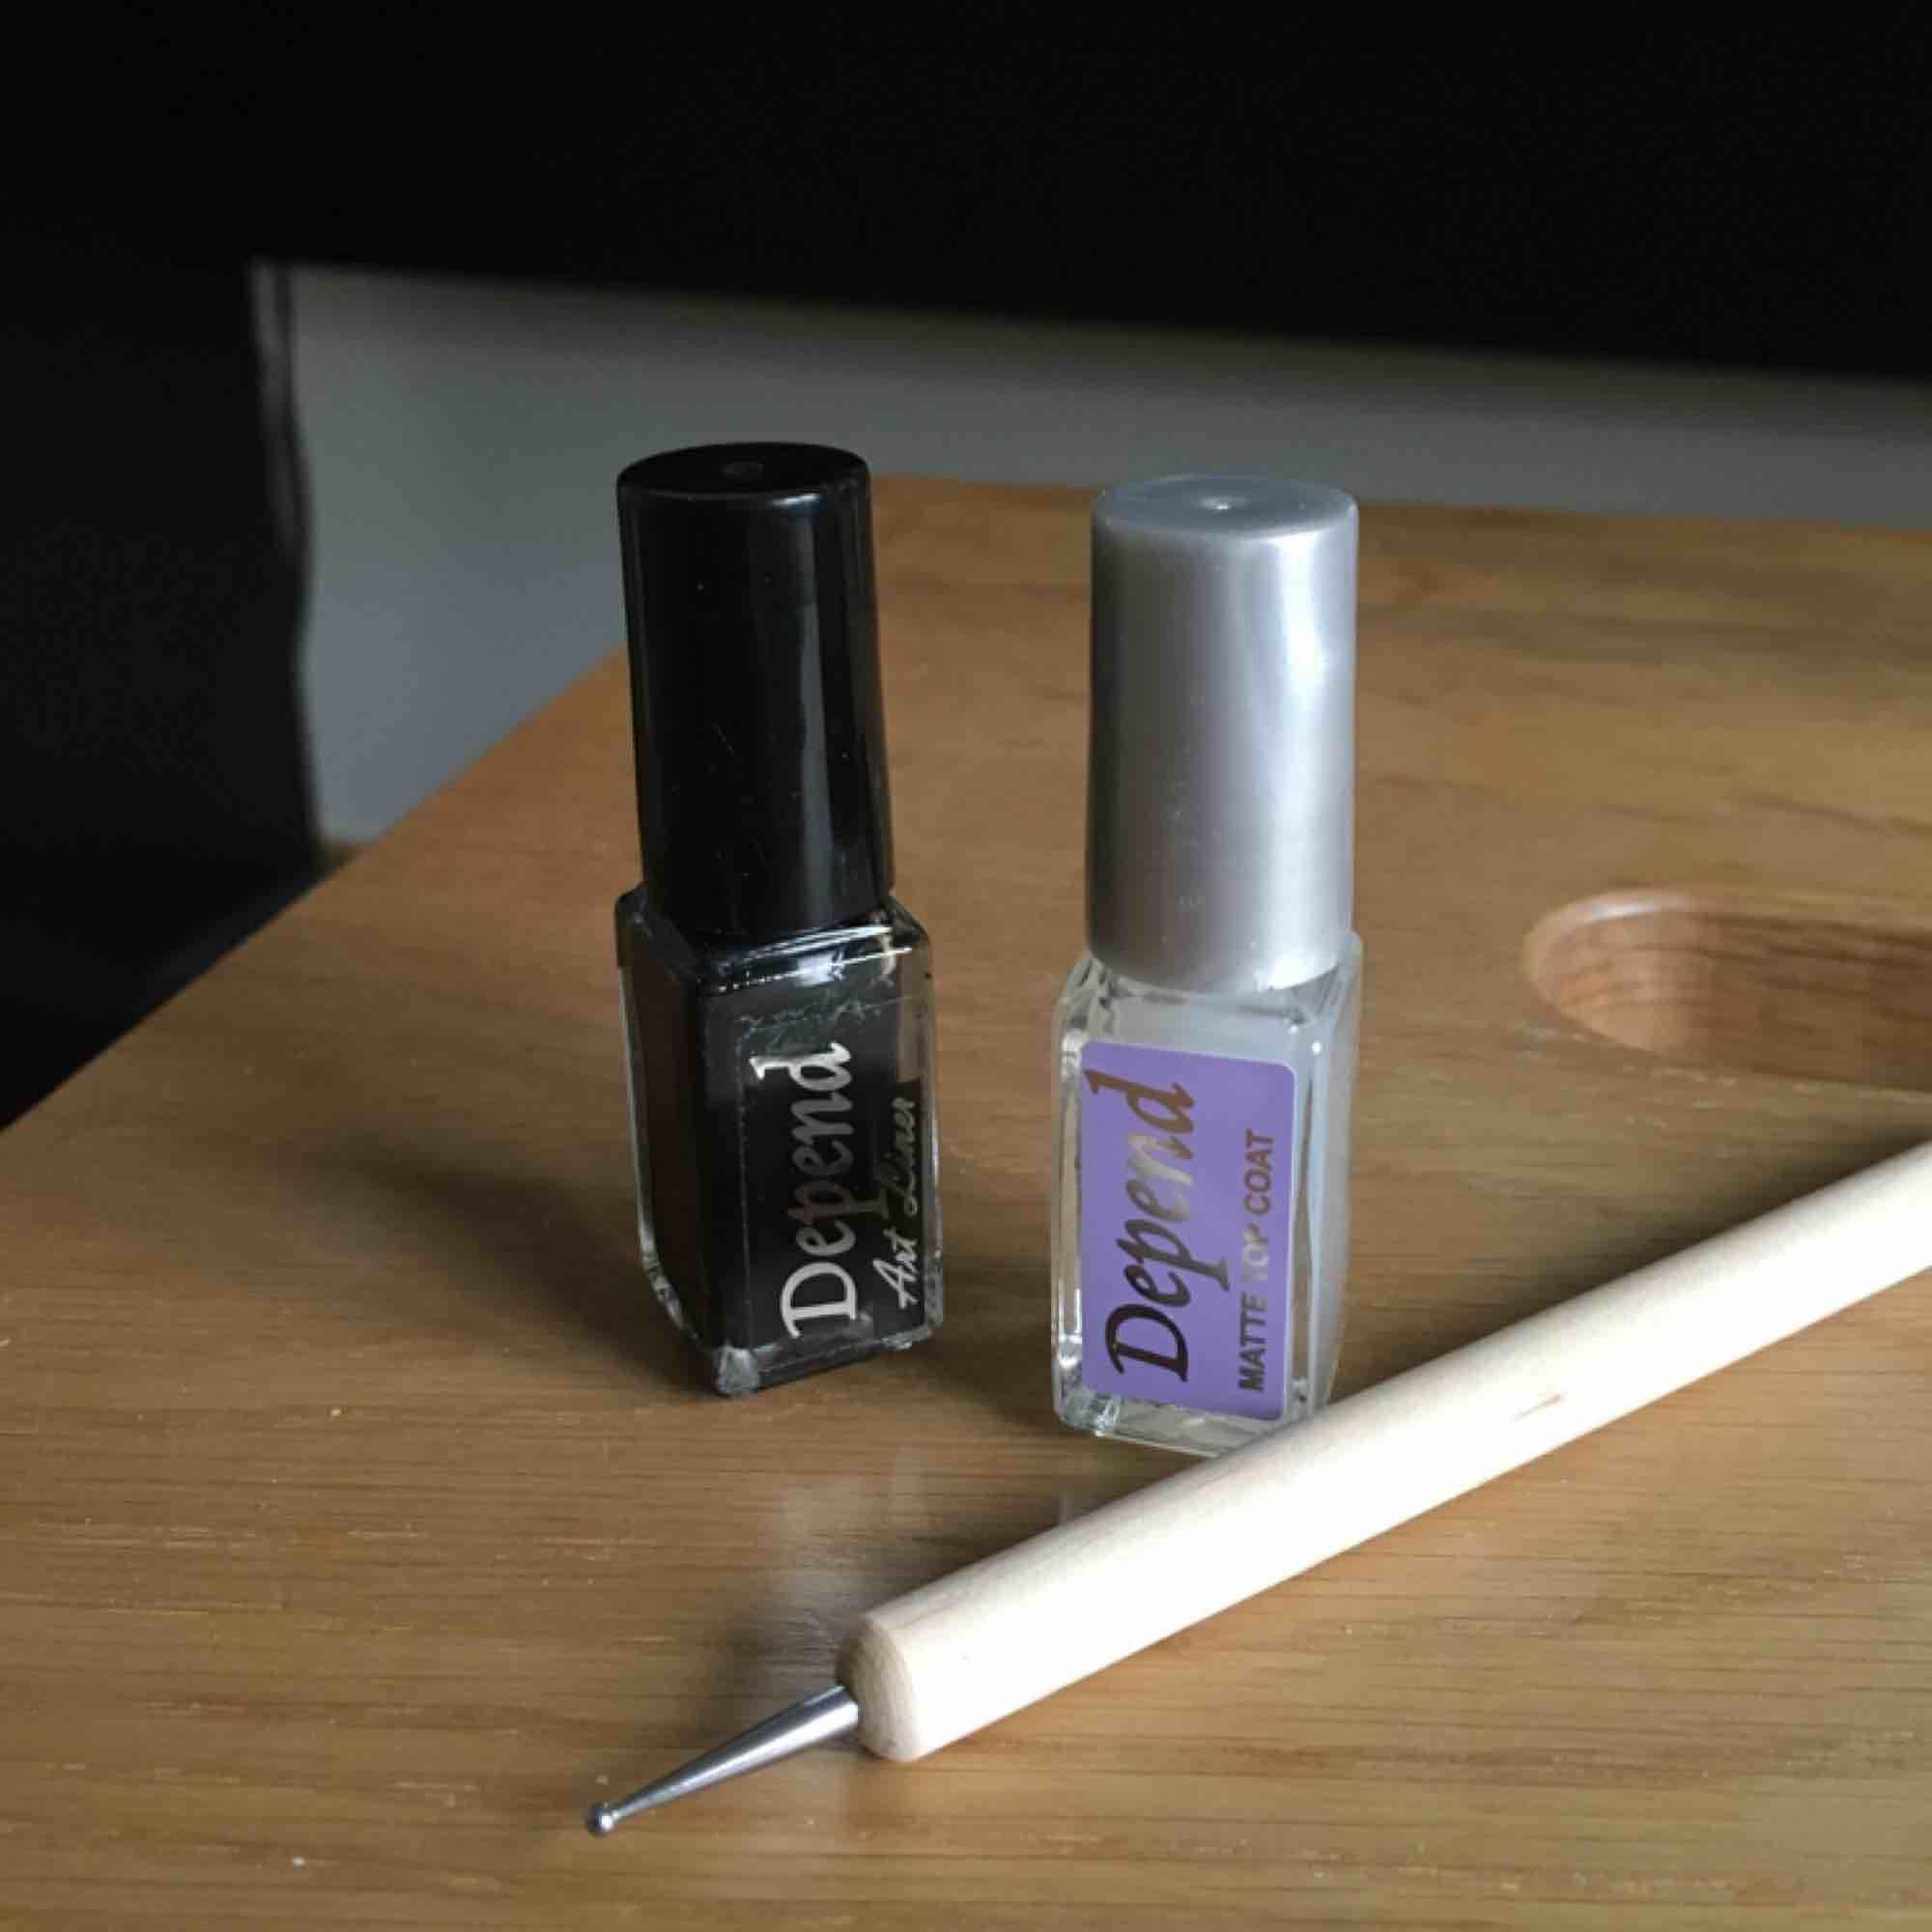 1)Svart nagellack som har en tunn pensel som kan skapa sträck.2)Nagellack som används som top coat. Fungerar till alla nagellack och gör en matt finish.3) Redskap som gör prickar i 2 olika storlekar. (Doppar i nagellack)100/allt 50kr/st 20kr/tool. OANVÄND. Övrigt.